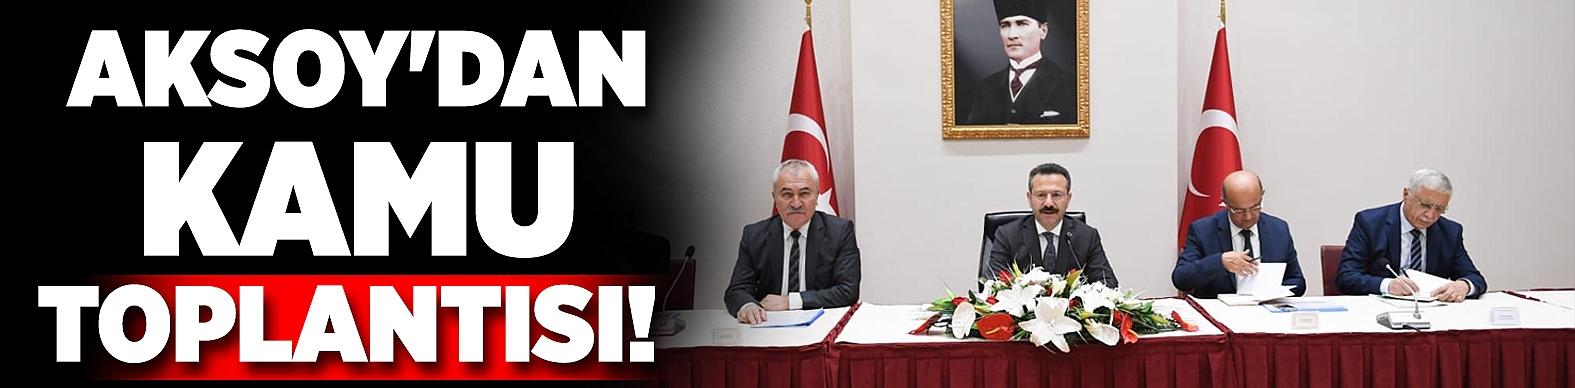 Aksoy'dan kamu toplantısı!